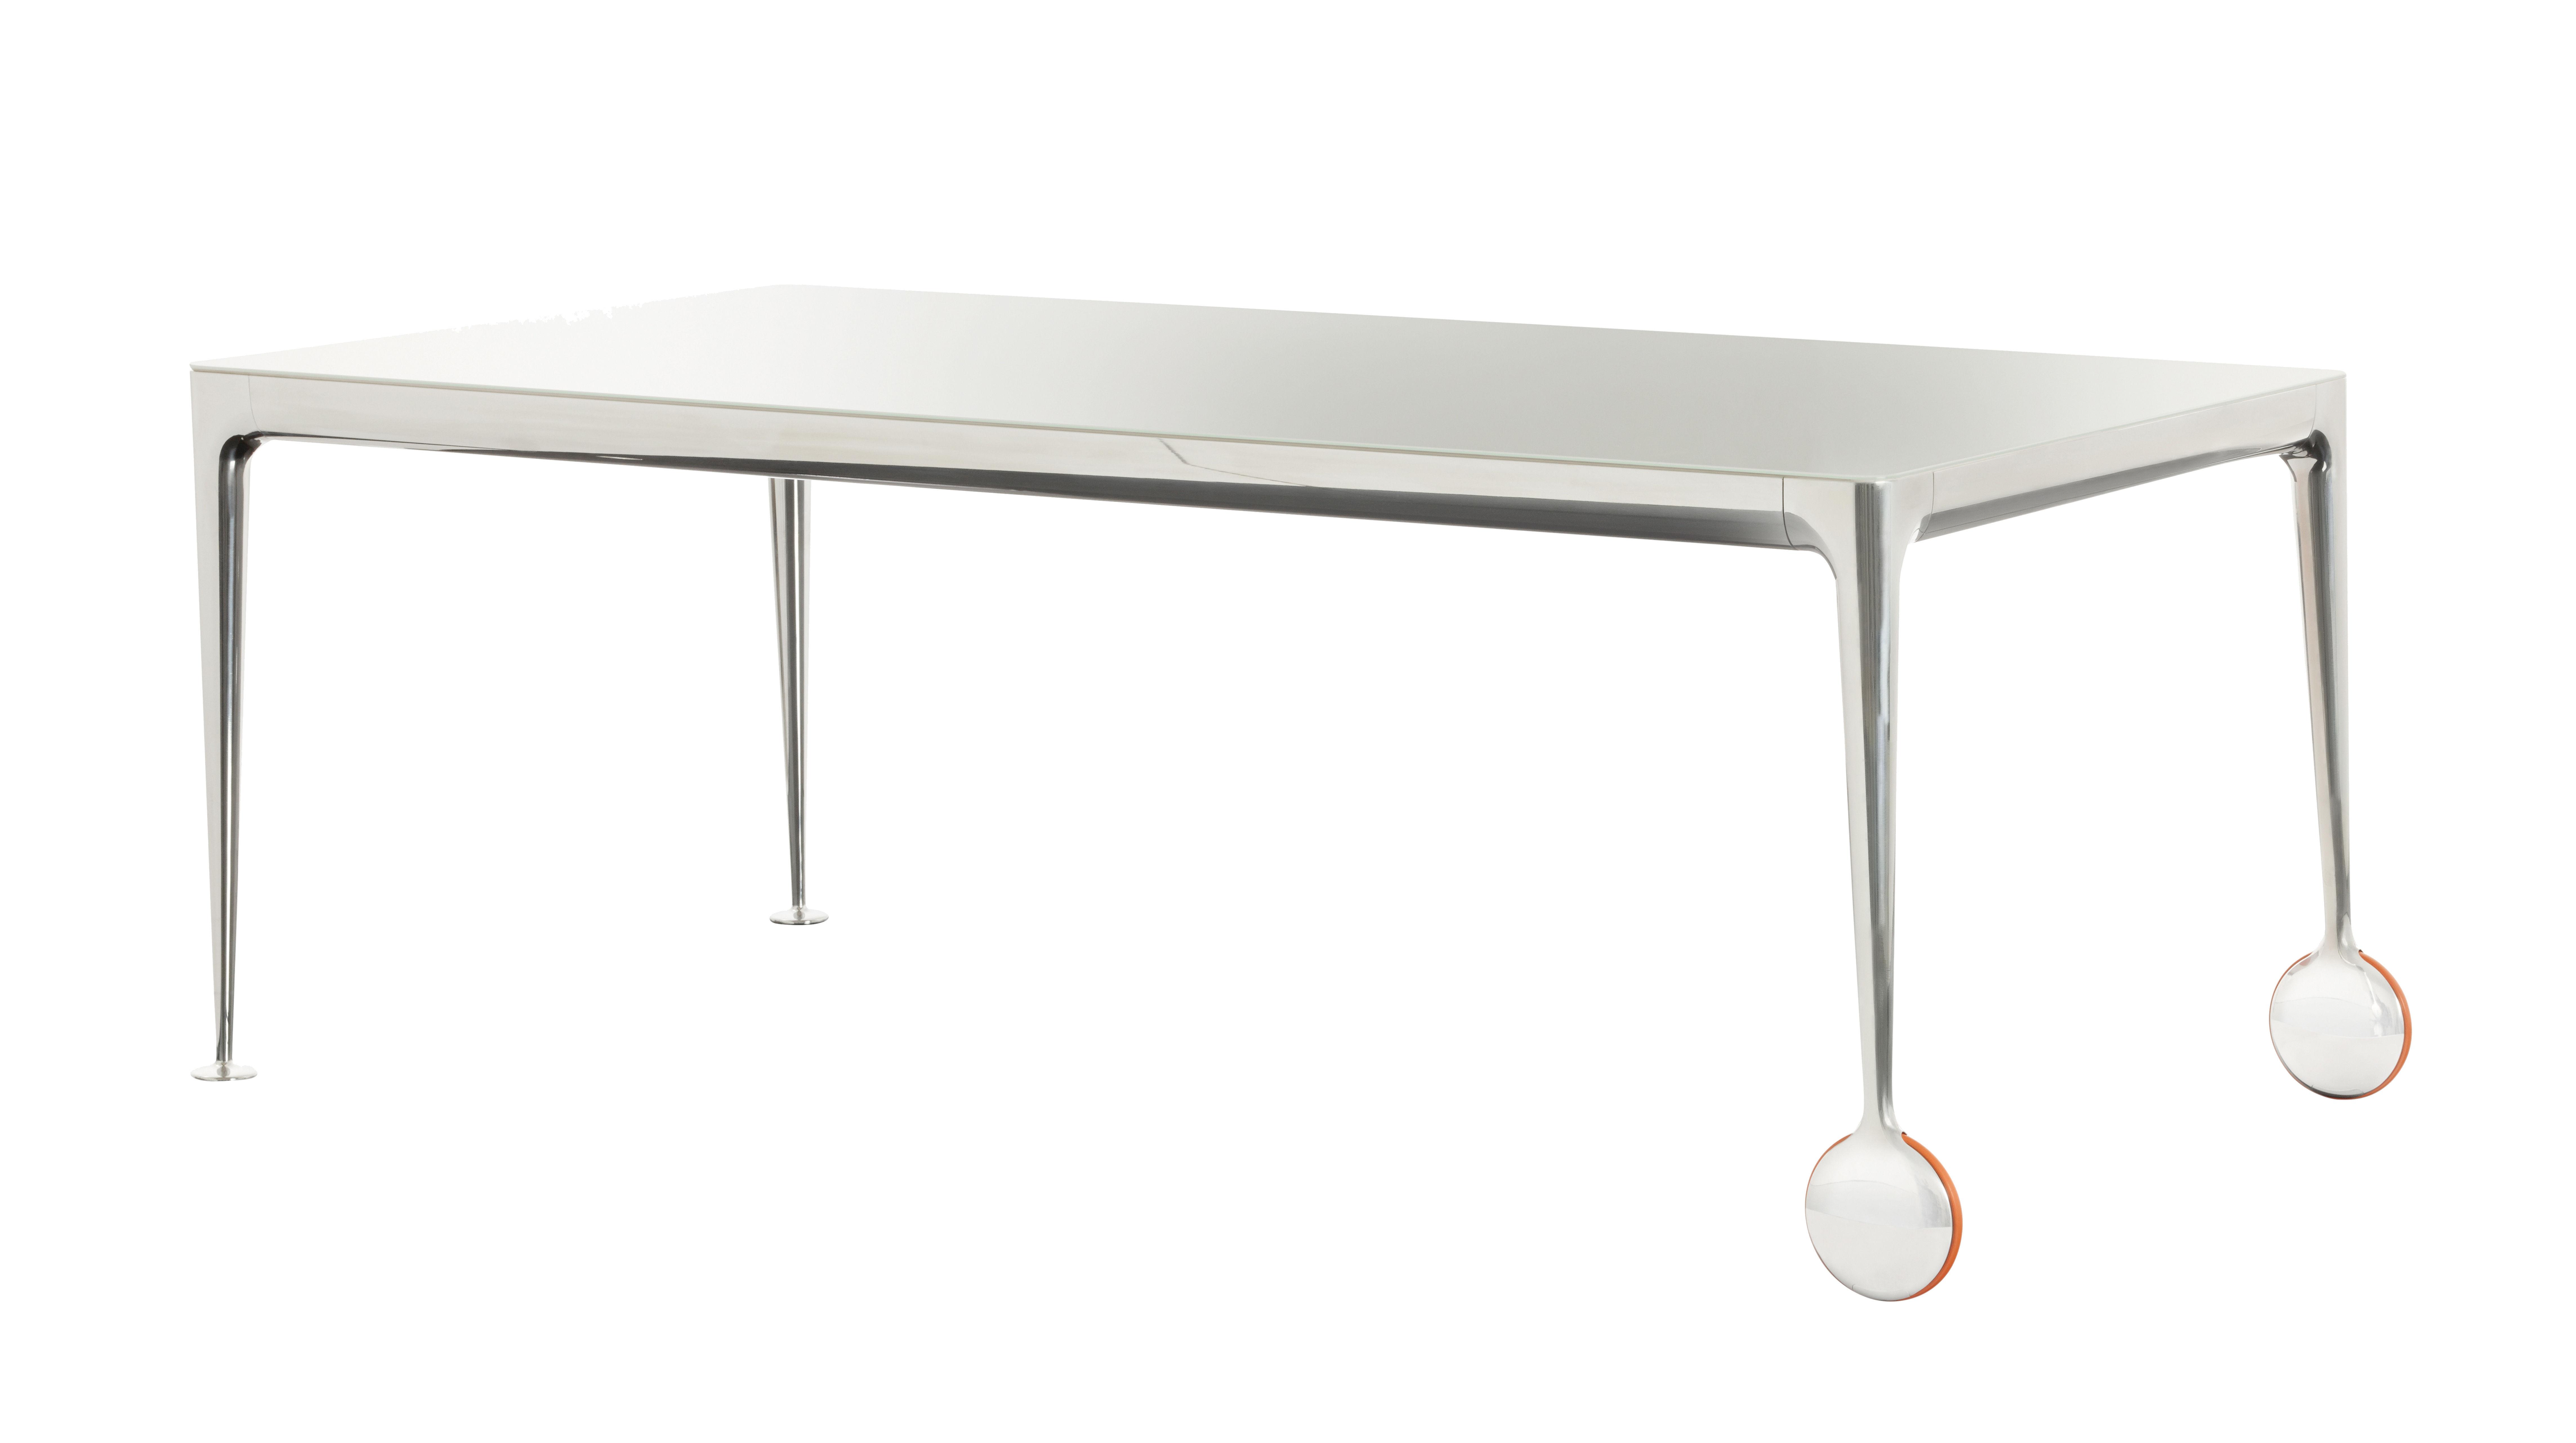 Dossiers - La top 100 dell'arredamento - Tavolo rettangolare Big Will - / 200 x 100 cm di Magis - Piano bianco / Gambe alluminio lucidato - Ghisa di alluminio lucidato, Gomma, Vetro temprato